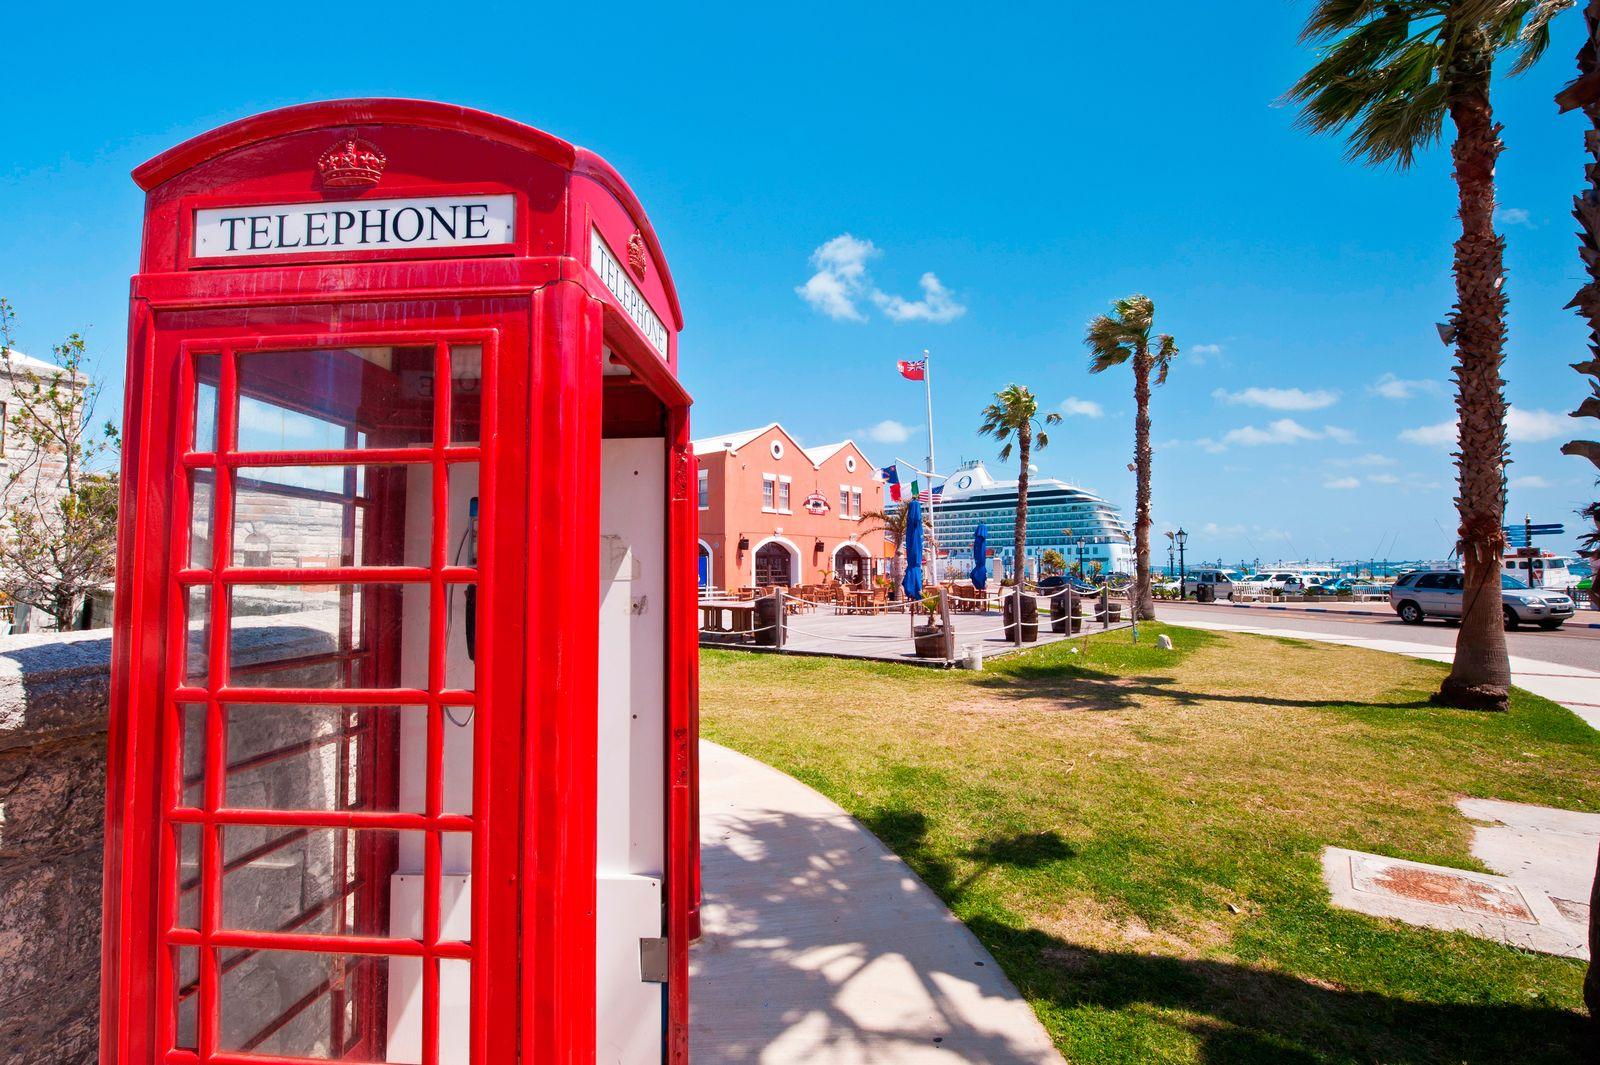 NICHT MEHR VERWENDEN! - Bermuda / Britische Steueroasen